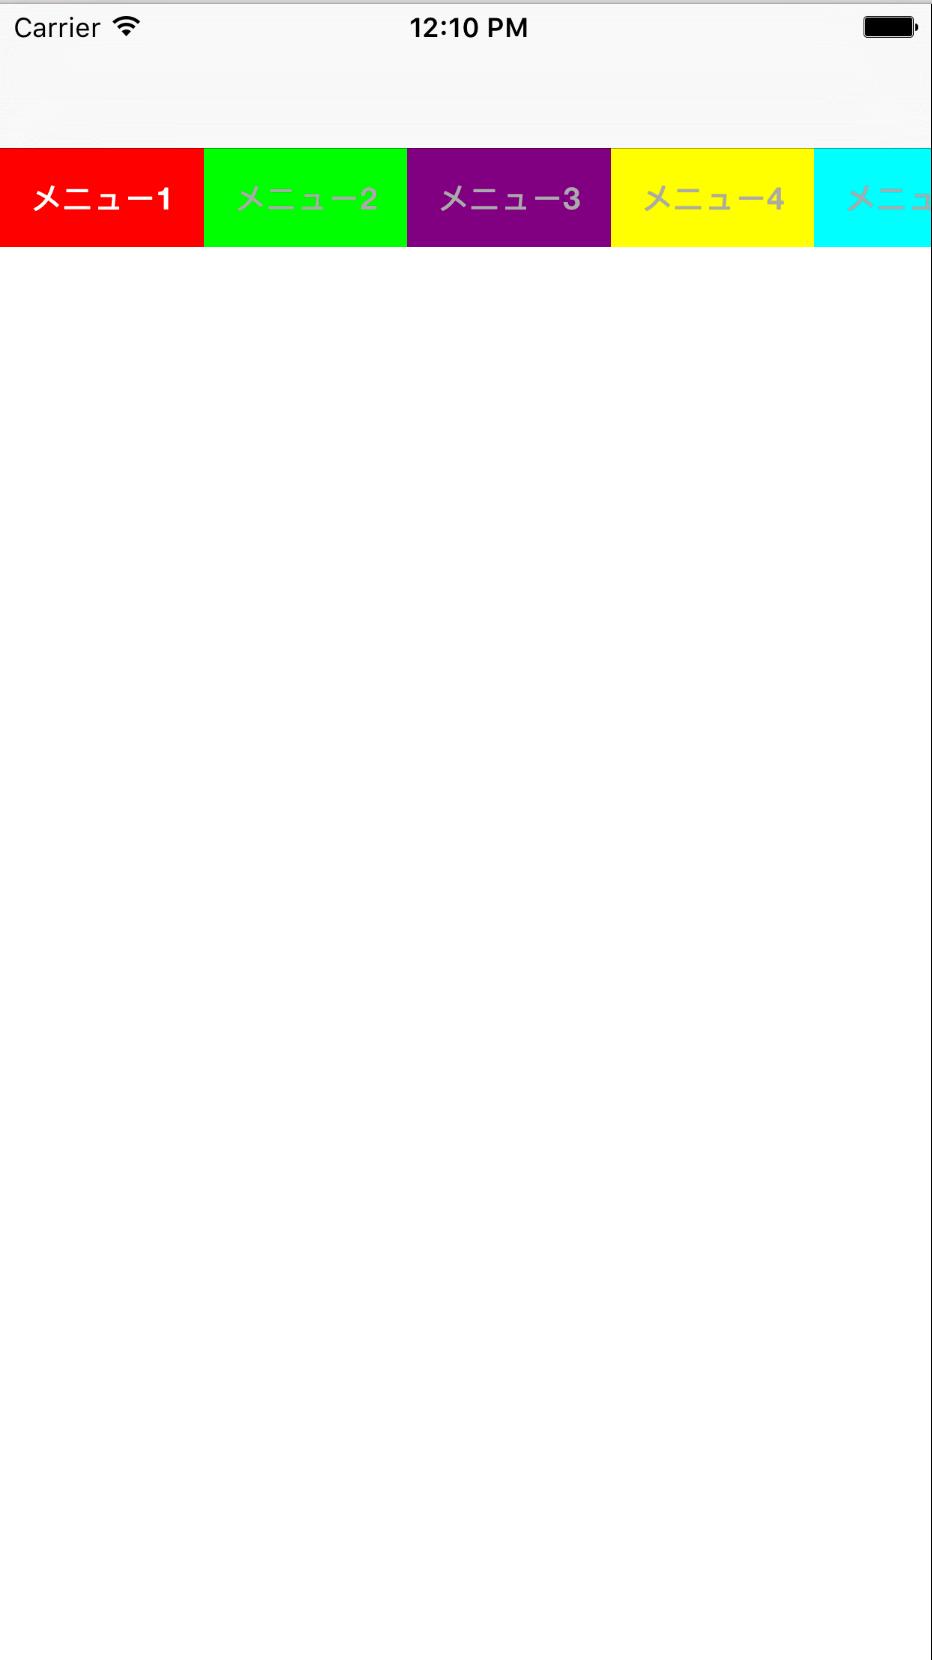 スクリーンショット 2016-02-14 12.10.29.png